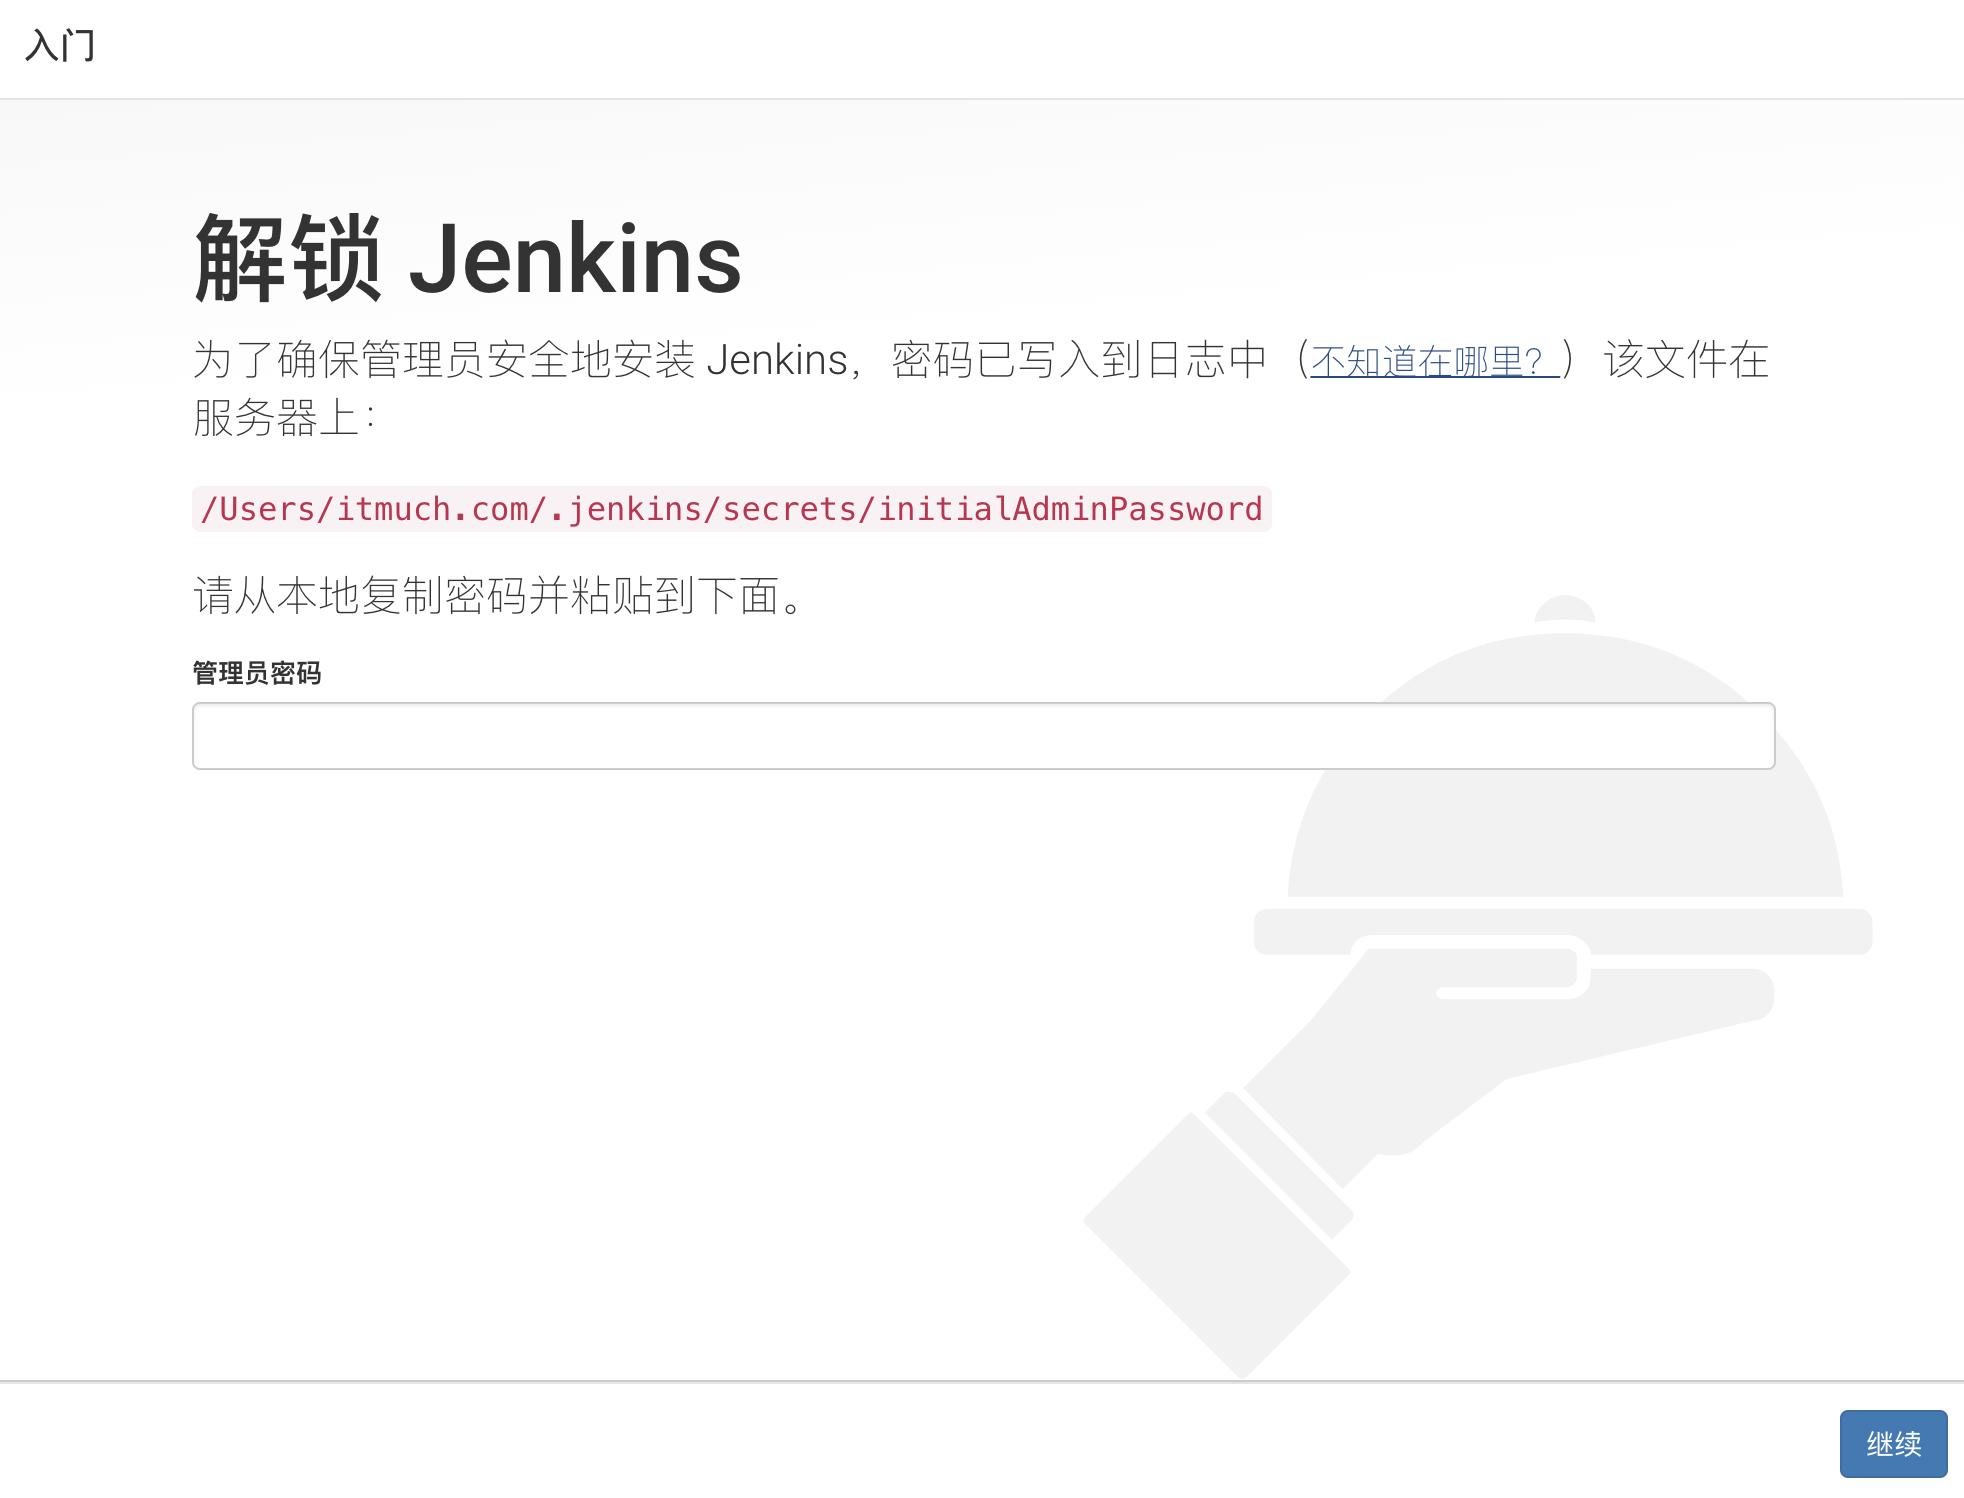 解锁Jenkins